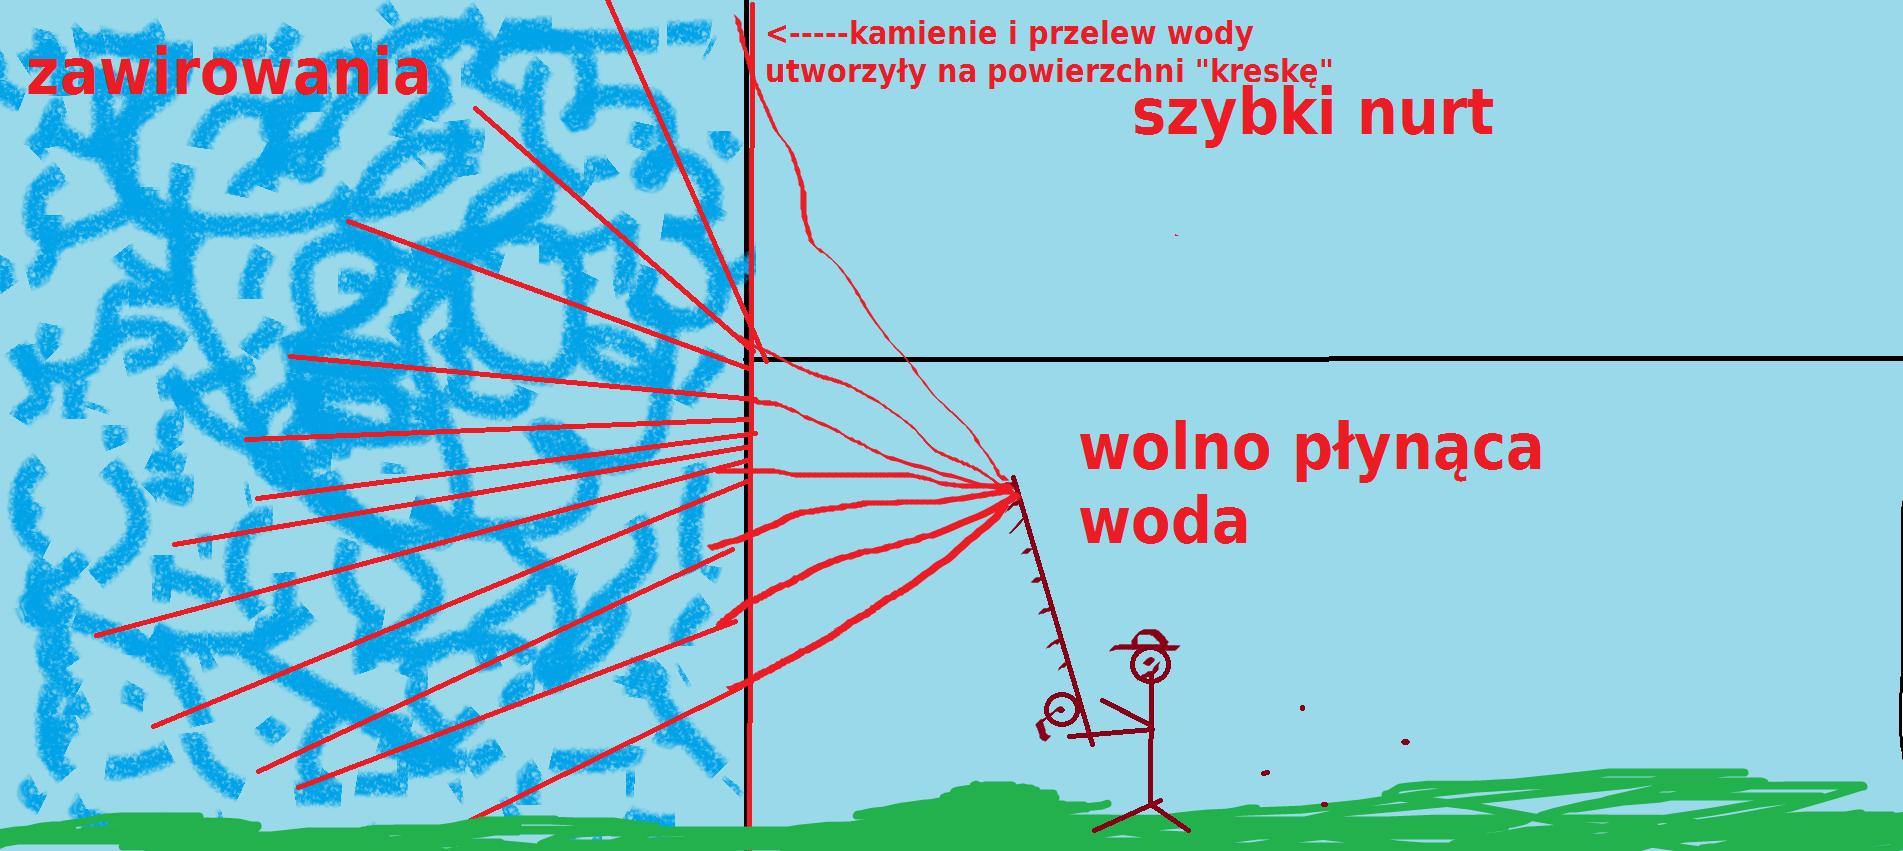 pikefinder.pl/upload_img/24673_2222.png